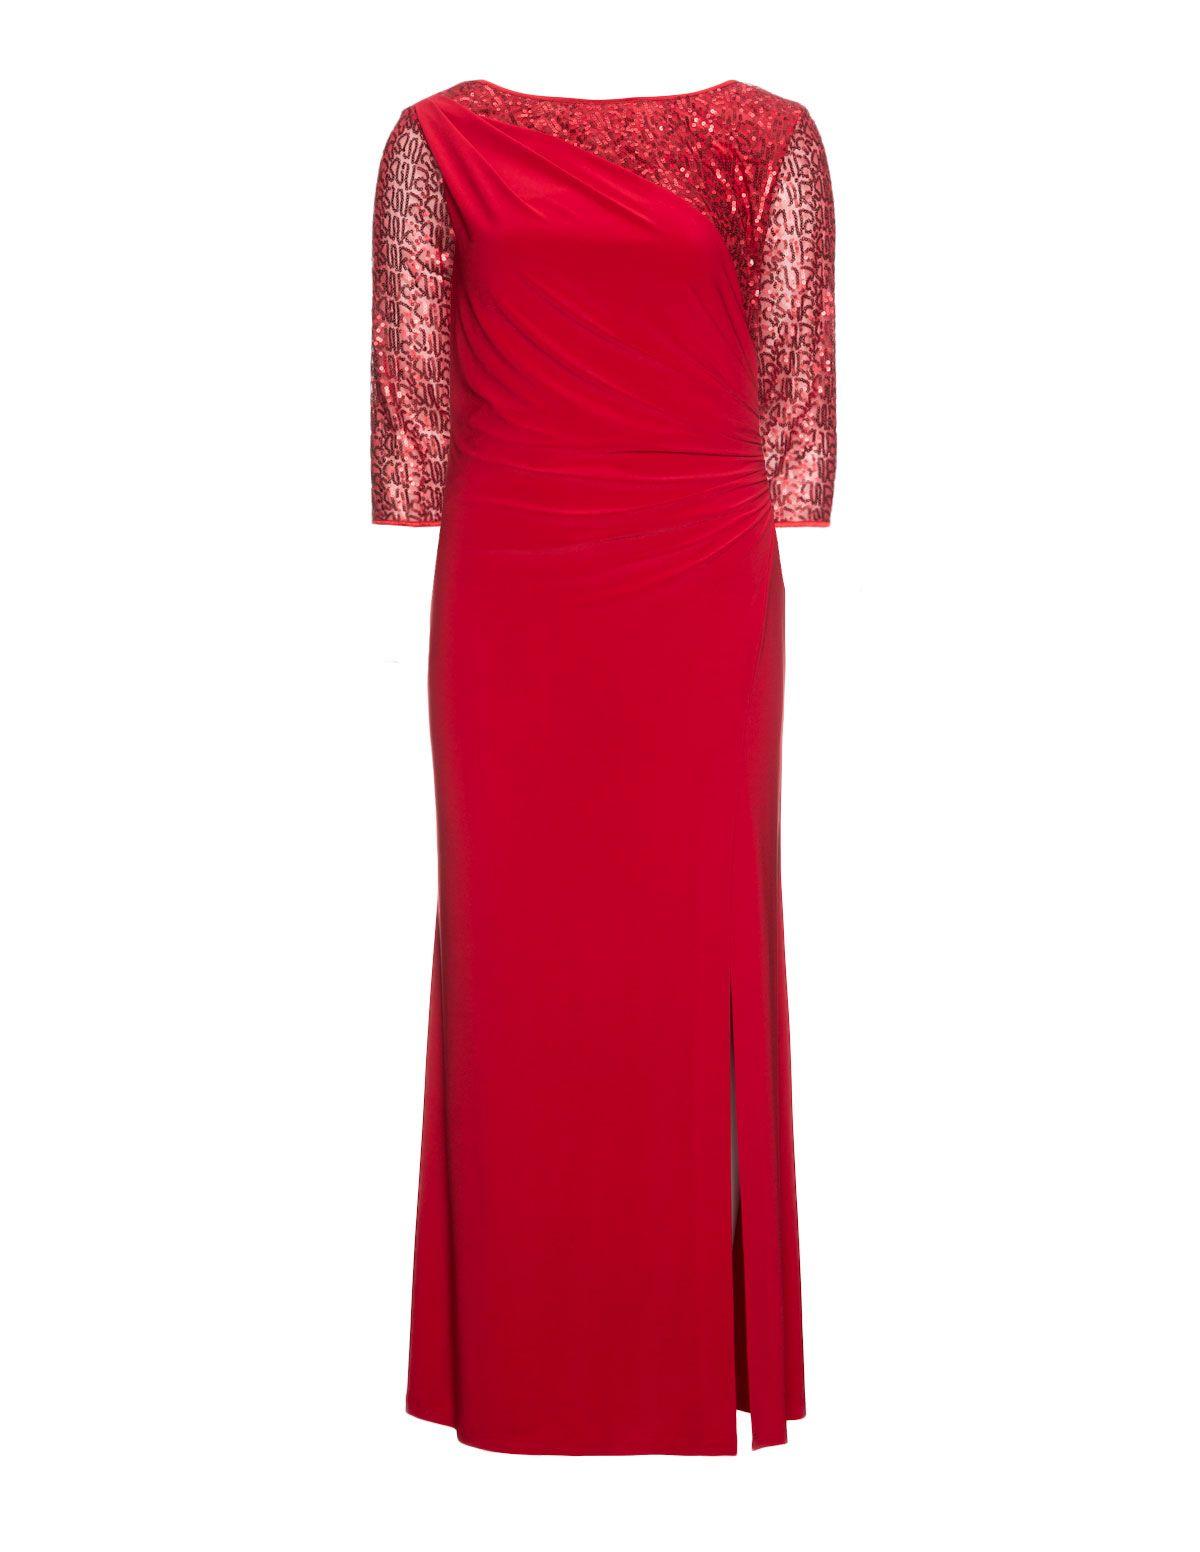 Weise - Maxikleid mit Paillettenzierde in Rot | Abendkleidung ...